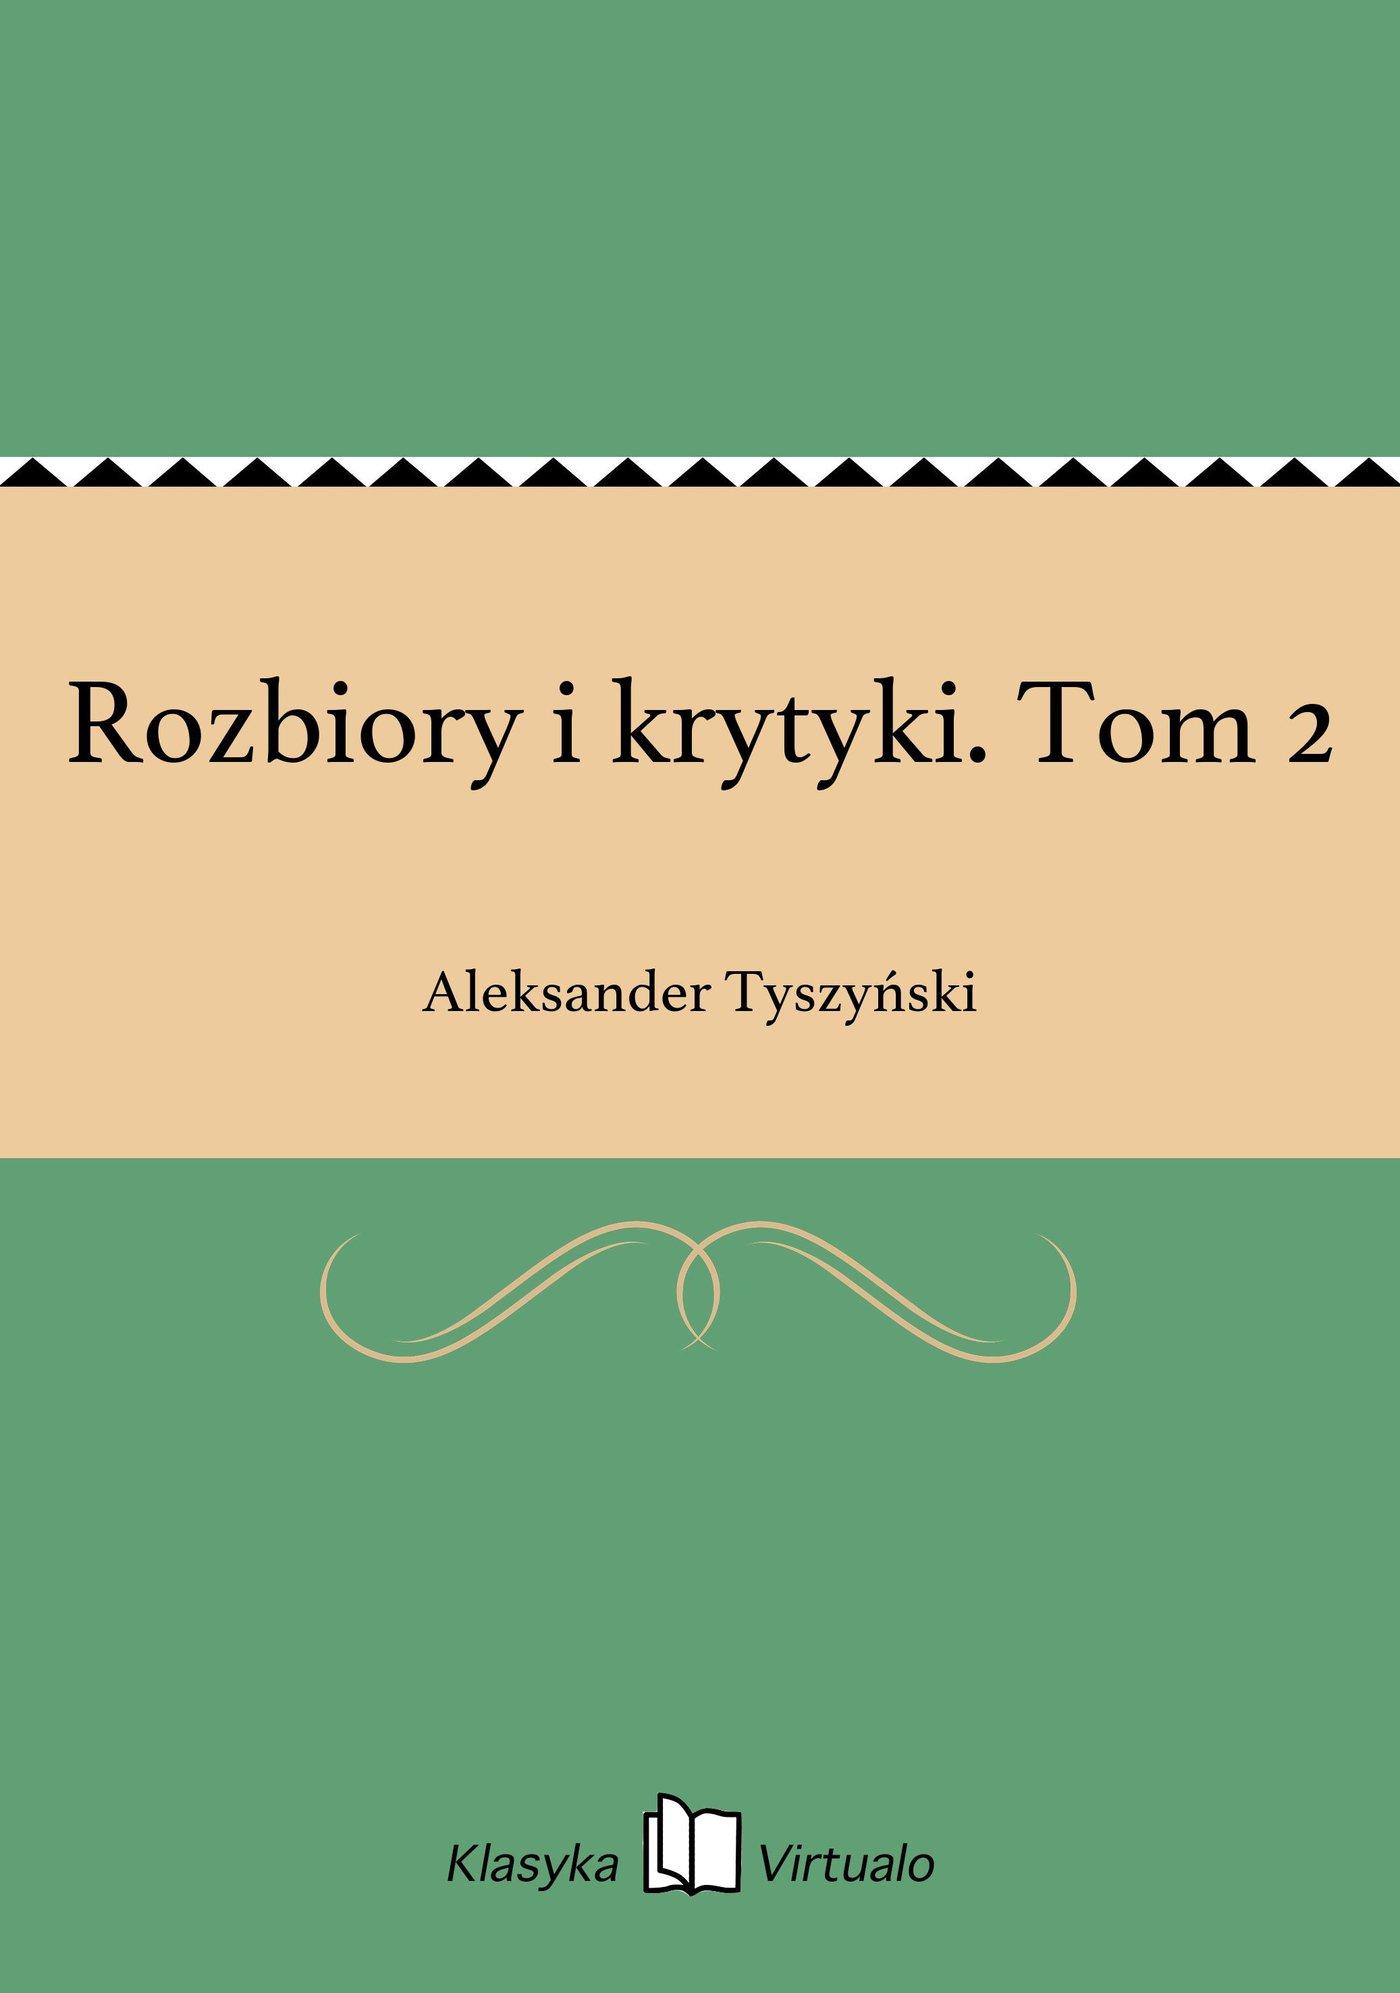 Rozbiory i krytyki. Tom 2 - Ebook (Książka EPUB) do pobrania w formacie EPUB